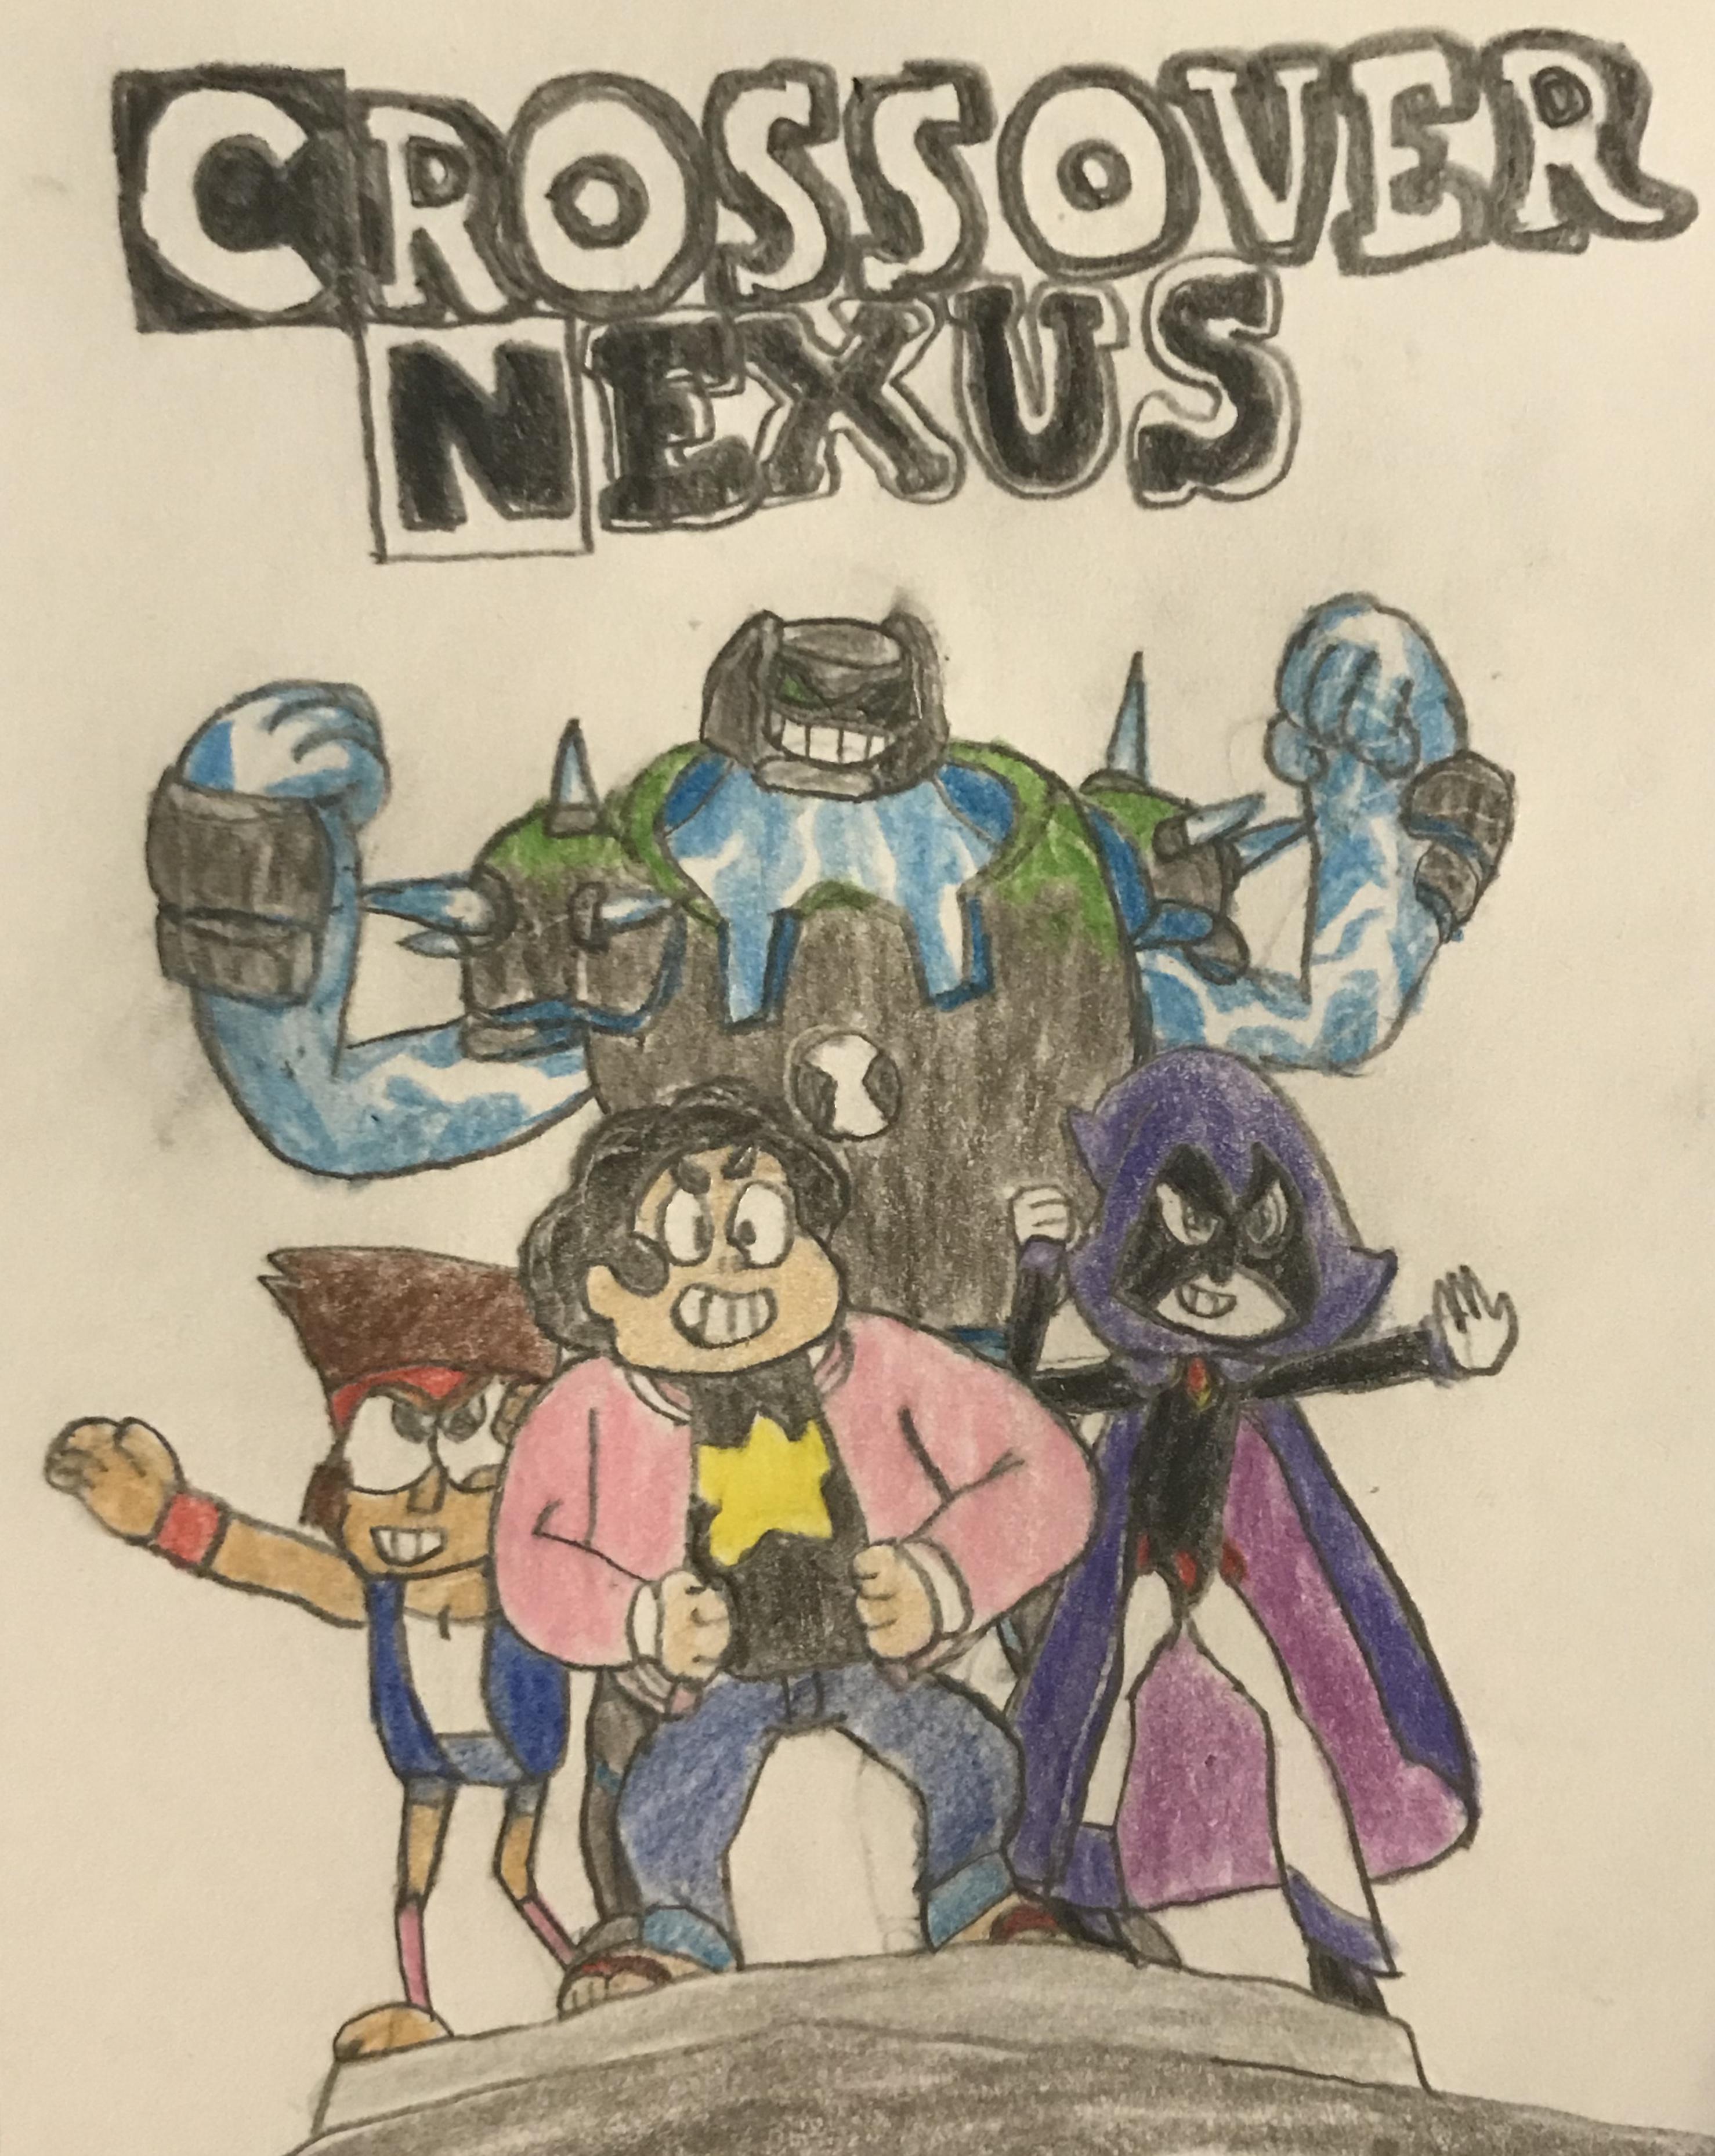 Crossover Nexus: Rewritten